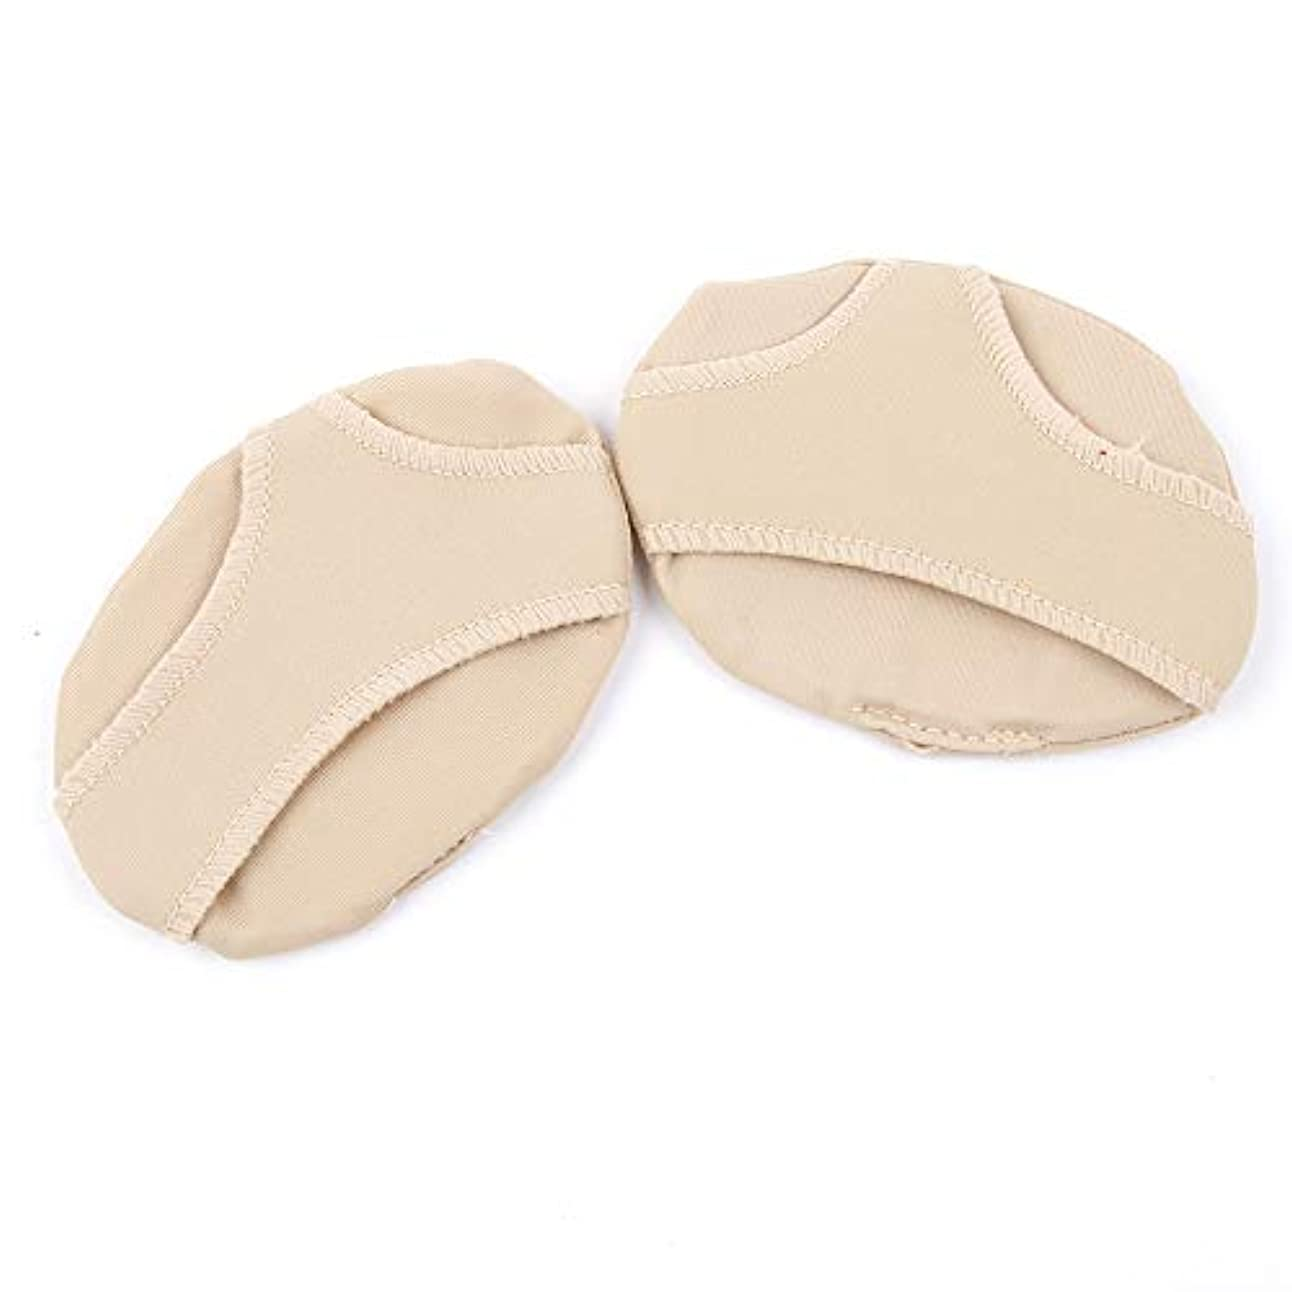 ハチ振る制限するRAYNAG 足裏サポート 前足パッド ふんわりパッド 足裏保護 フットケア 足の疲れ 痛み緩和 滑り止め 柔軟性 健康グッズ Mサイズ 肌色 足底用(4個入り)